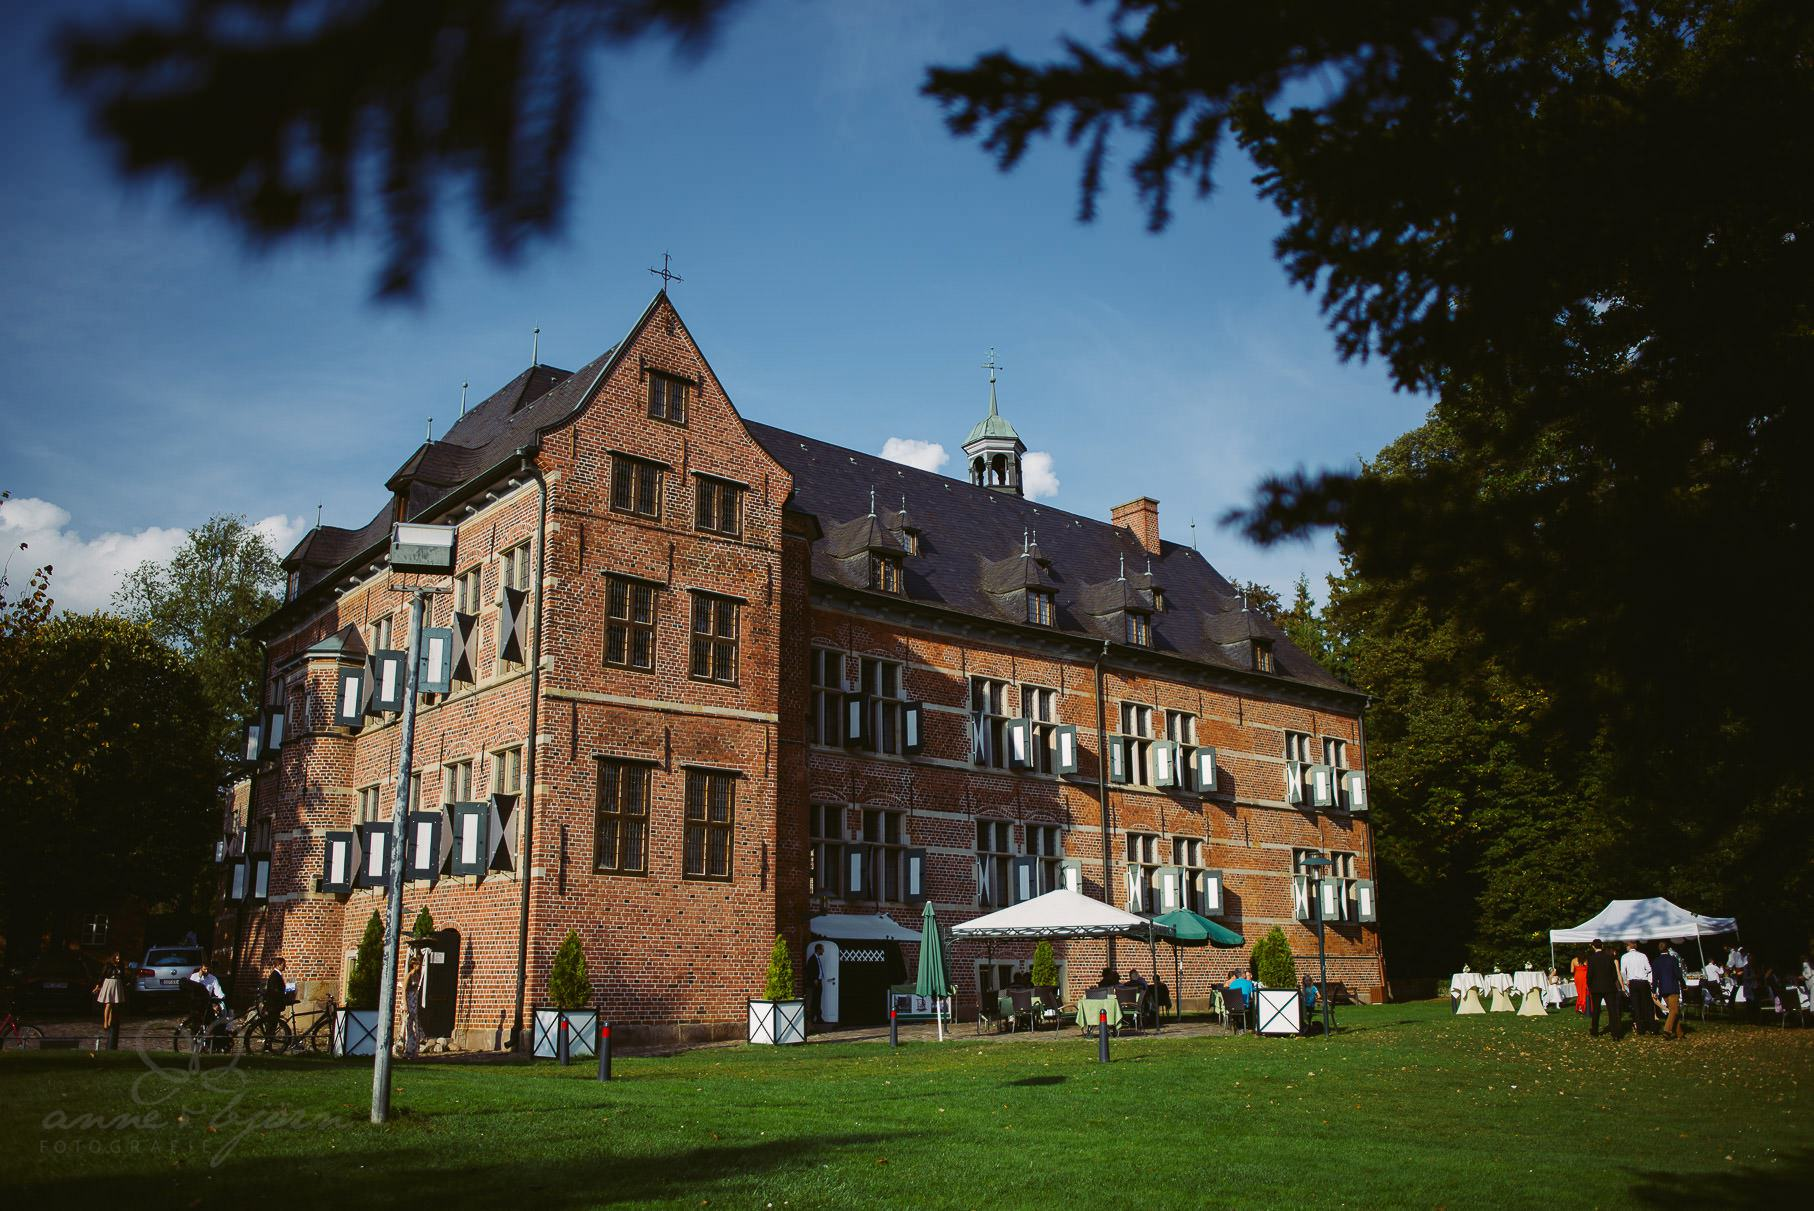 0035 euo 812 0795 - Hochzeit im Schloss Reinbek - Elvira & Olaf